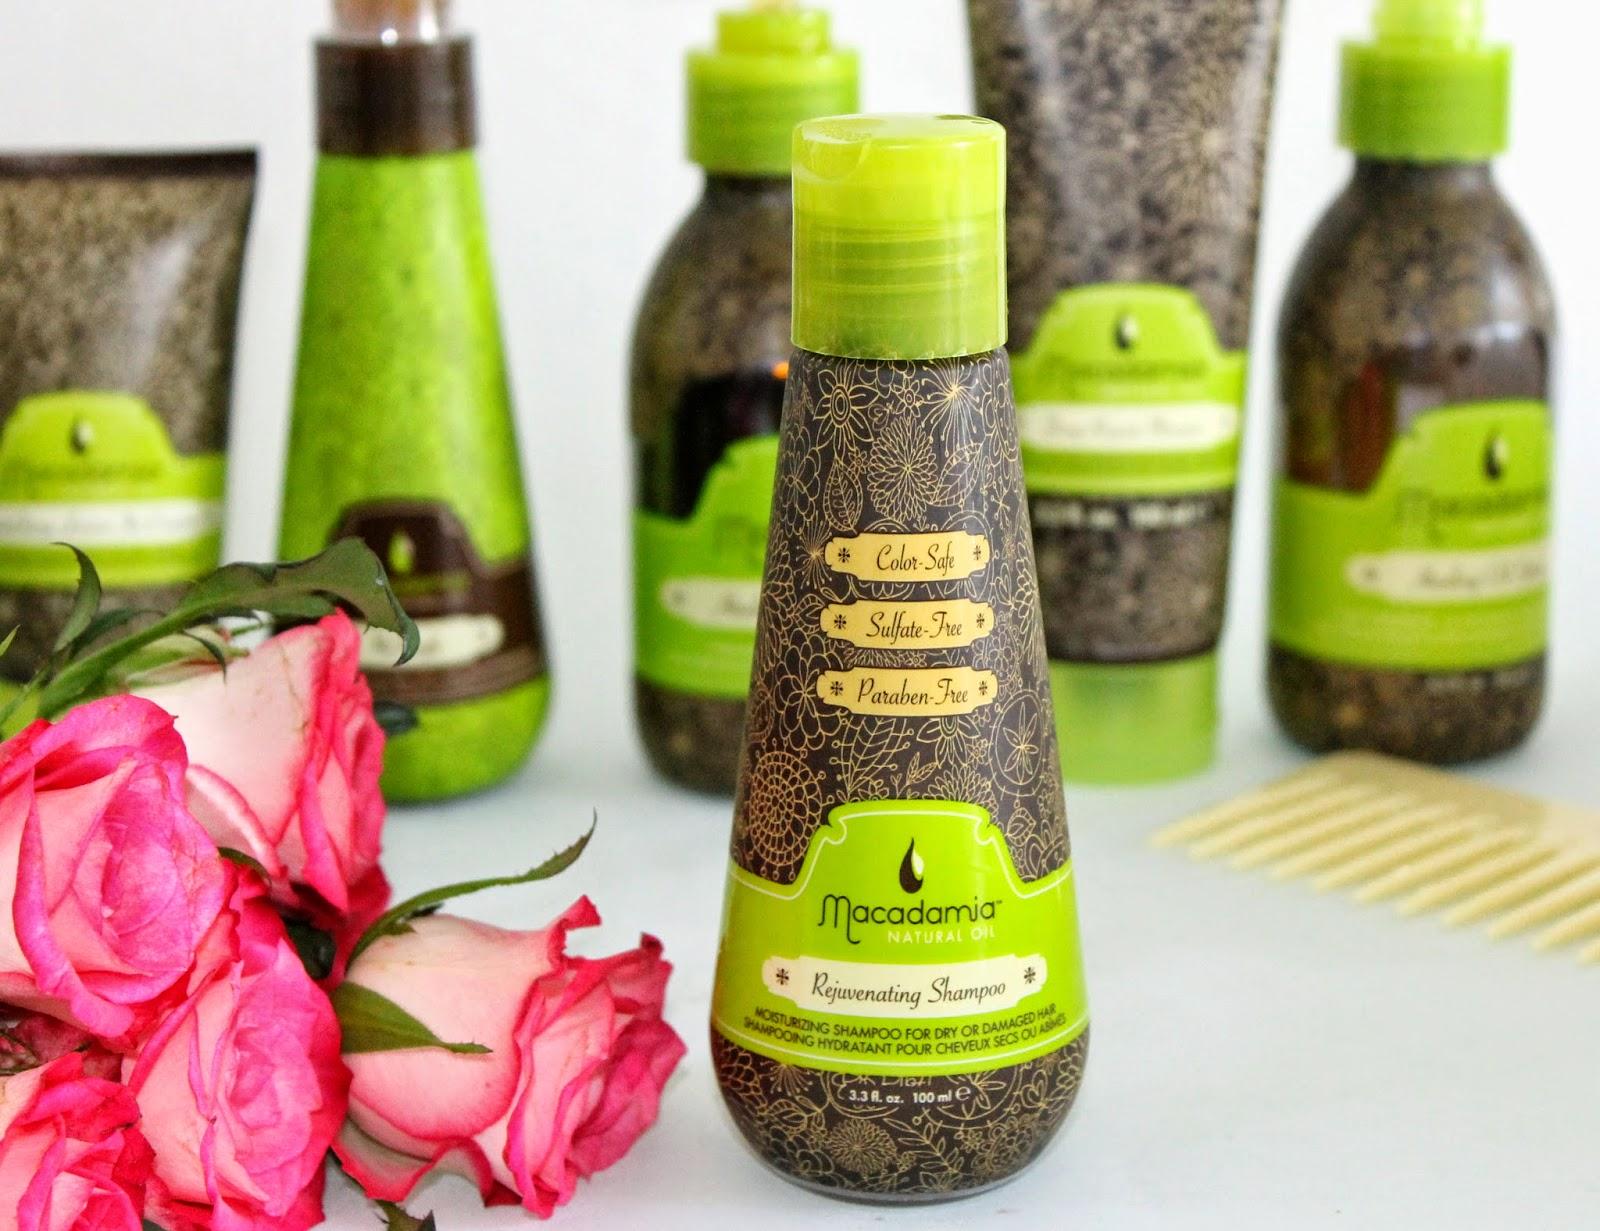 rejuvenating shampoo shampoing hydratant pour cheveux secs ou abms sans sulfate 100 ml - Meilleur Shampoing Pour Cheveux Colors